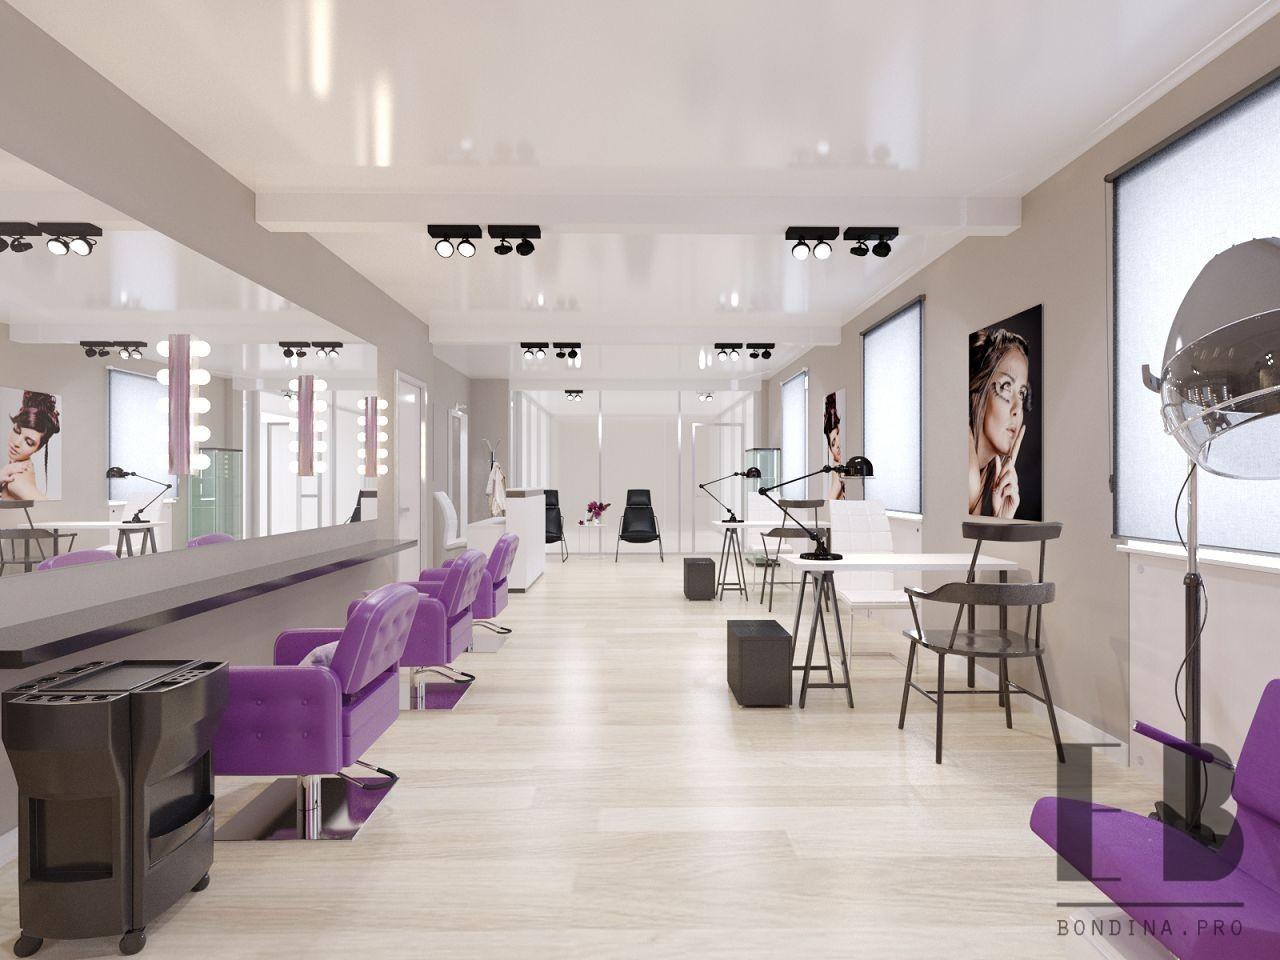 Interior design in a beauty salon